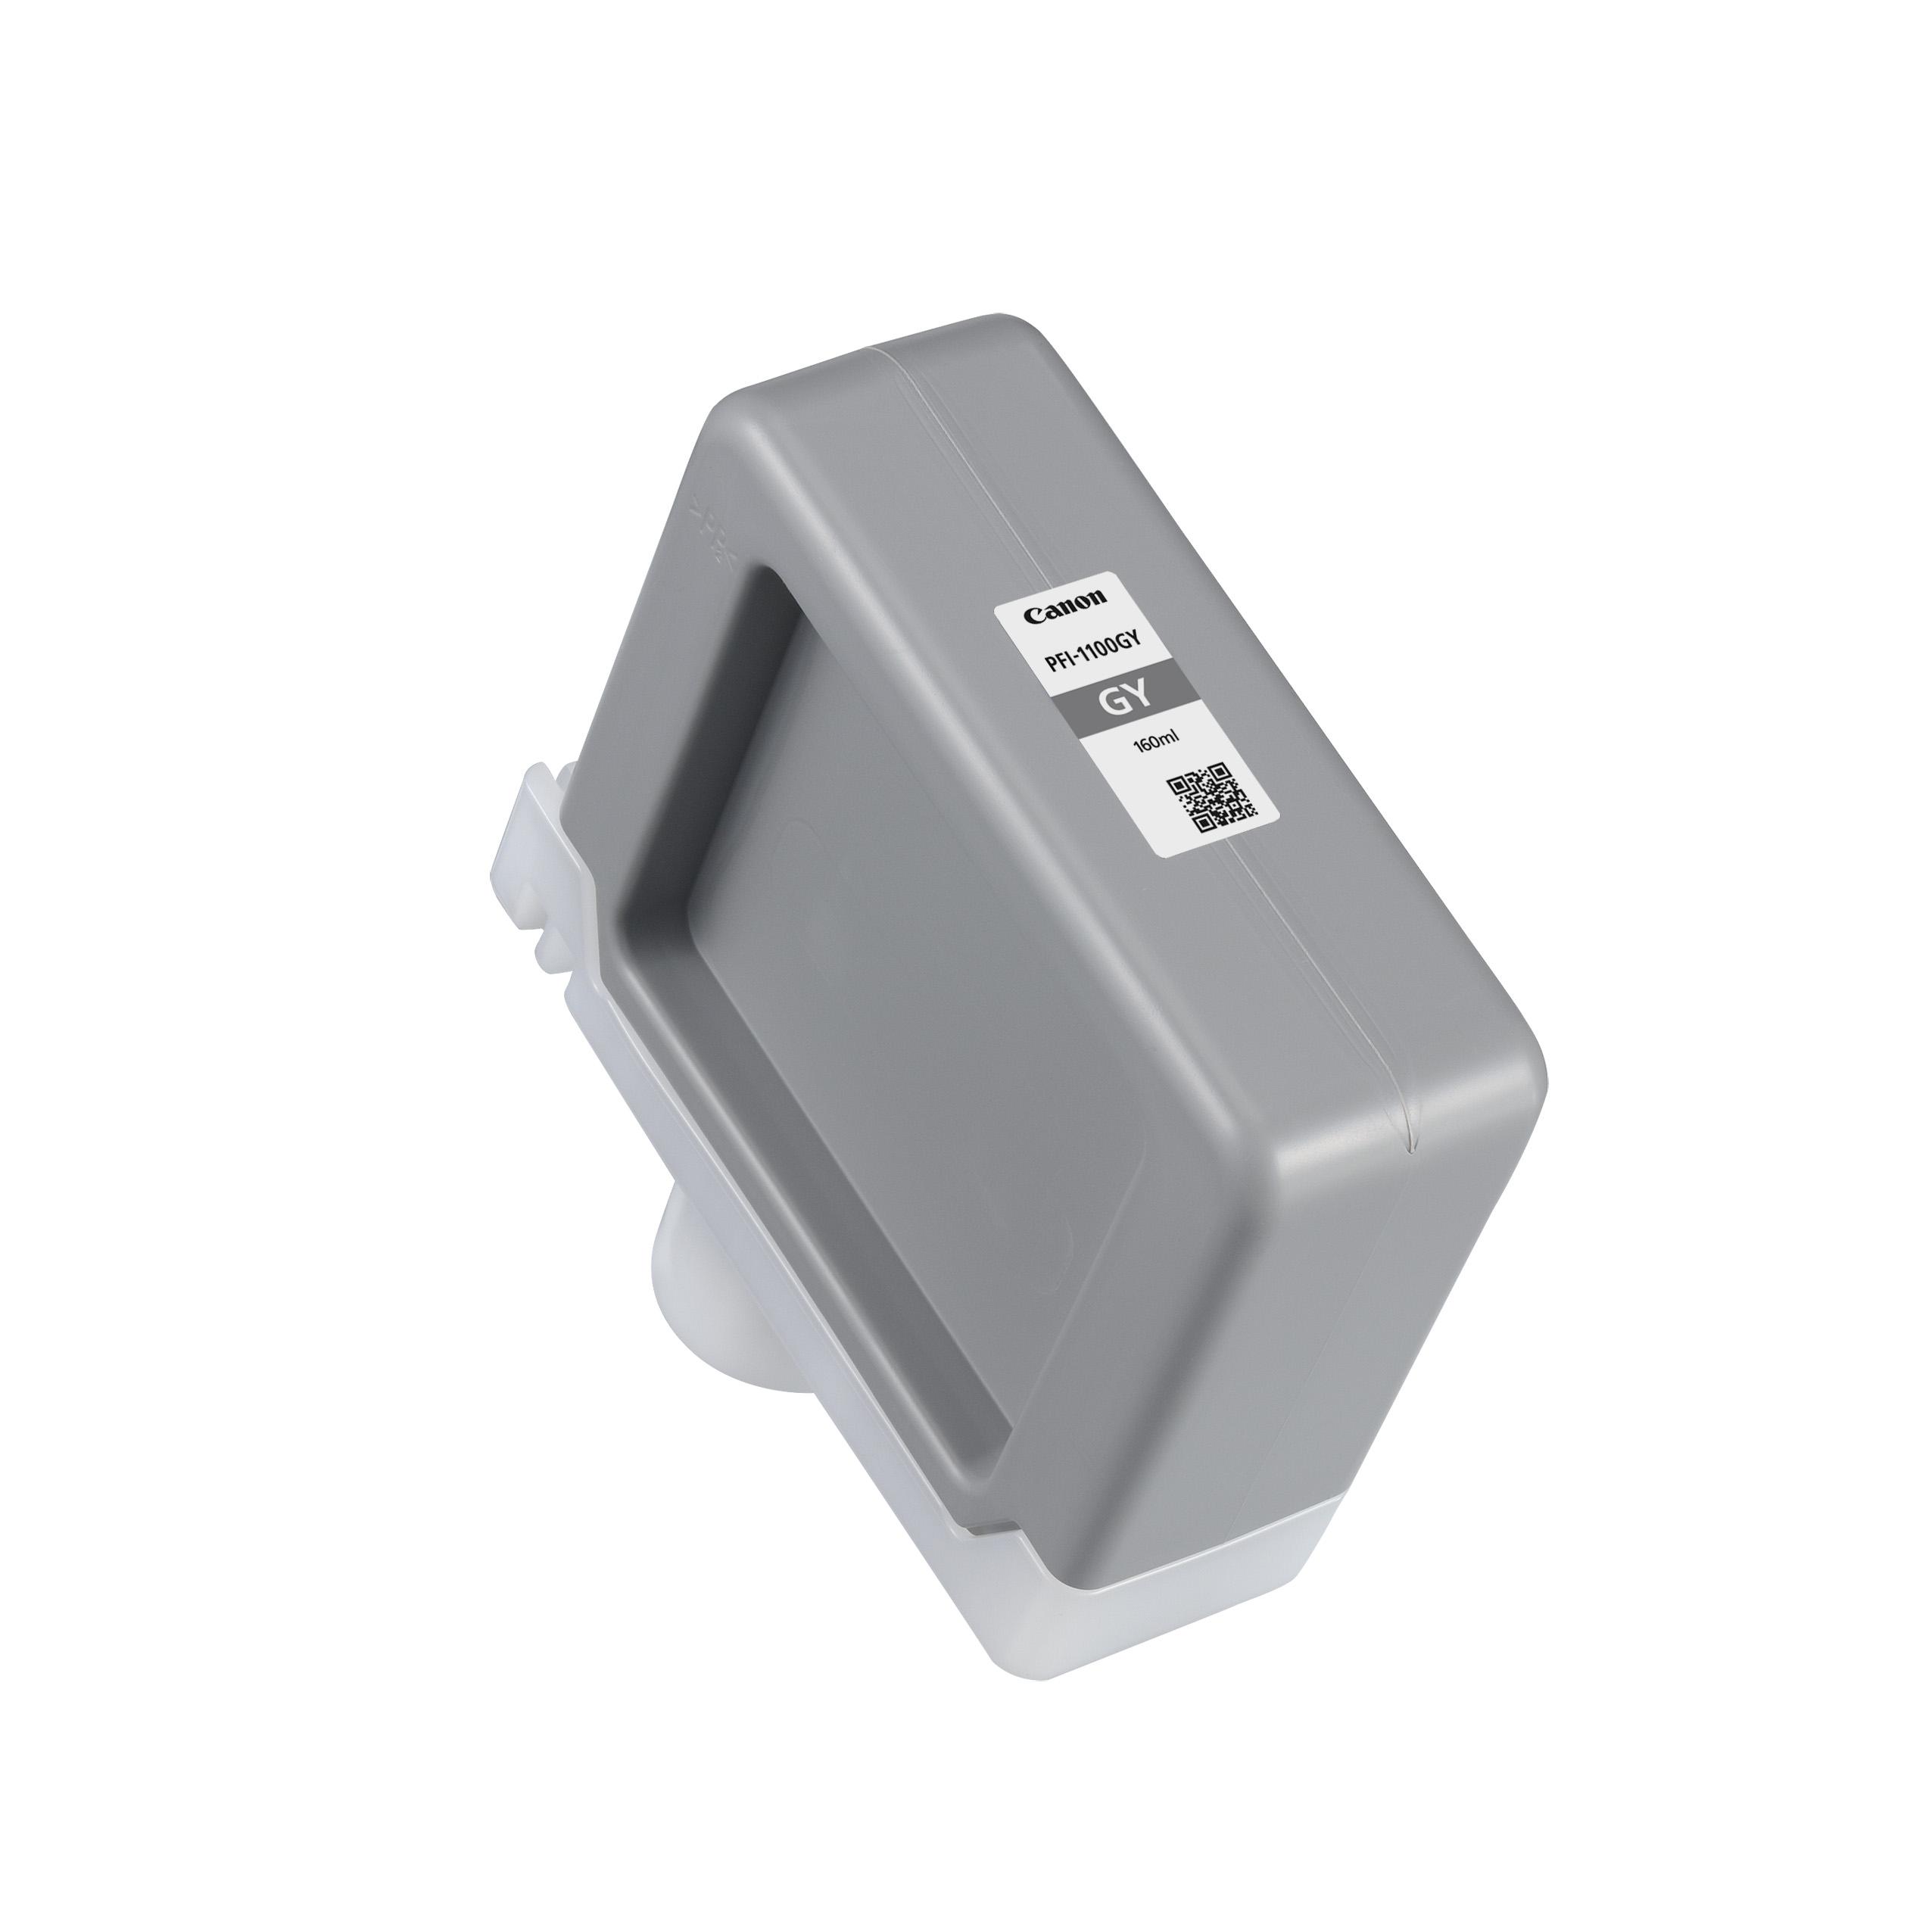 Canon PFI-1100GY Grey Ink Tank - 160ml Cartridge - for Canon PRO-2000, PRO-2100, PRO-4000S, PRO-4100S, PRO-4000, PRO-4100, PRO-6000S, PRO-6100S, PRO-6000 & PRO-6100 Printers - 0856C001AA